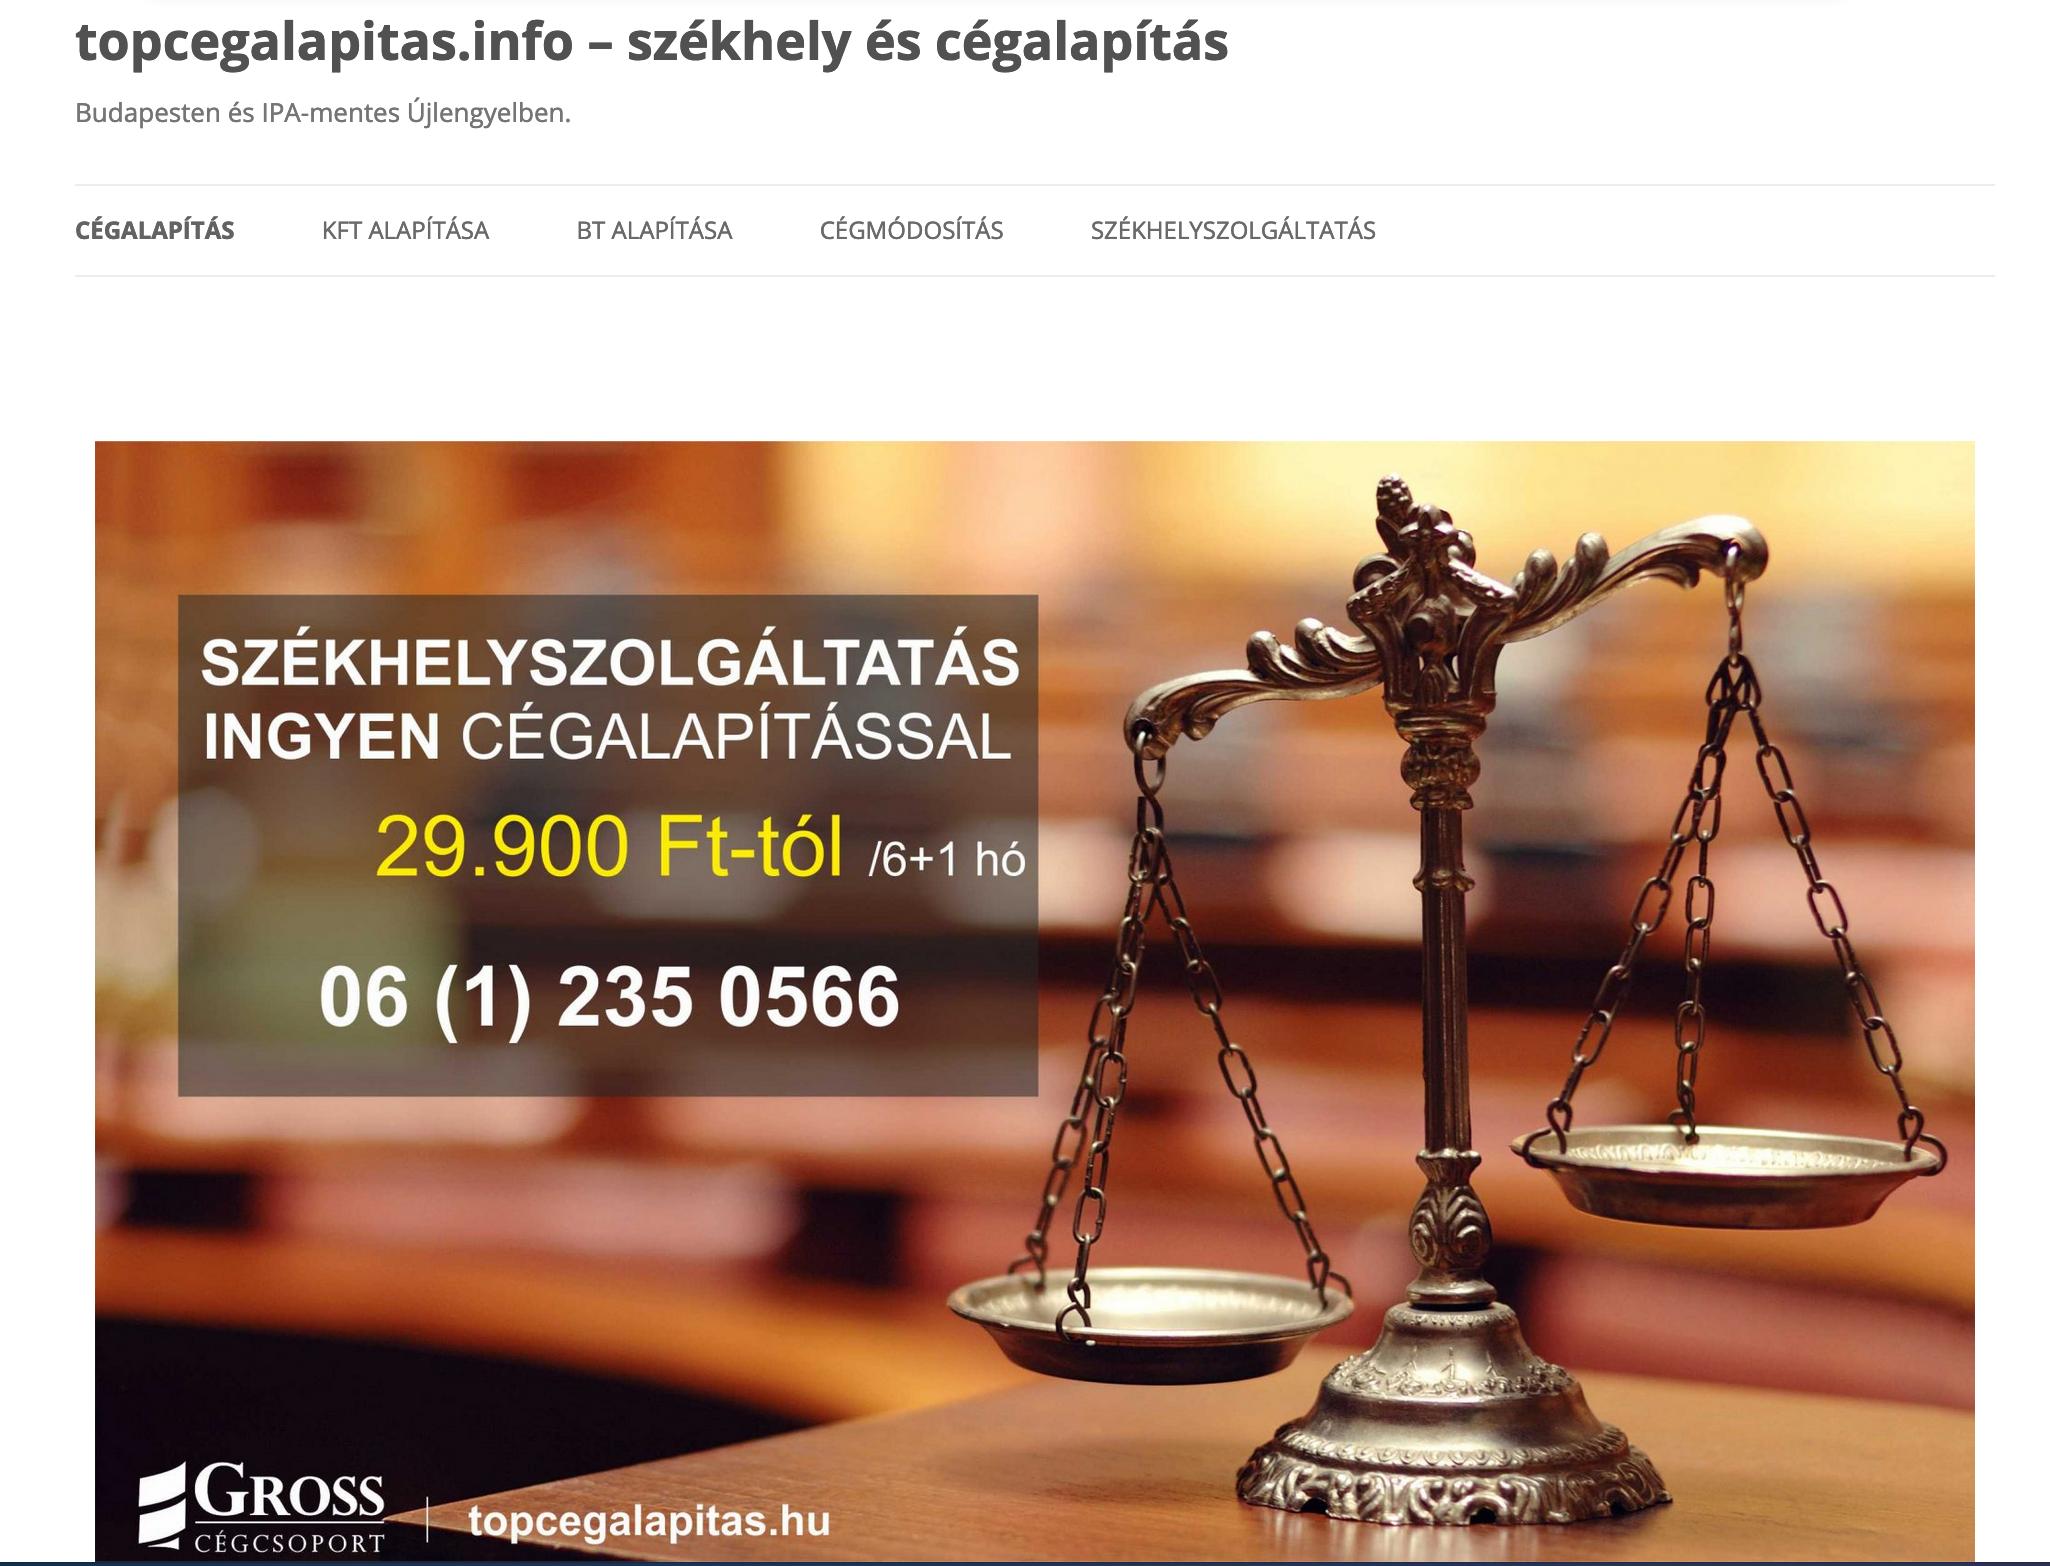 topcegalapitas.info